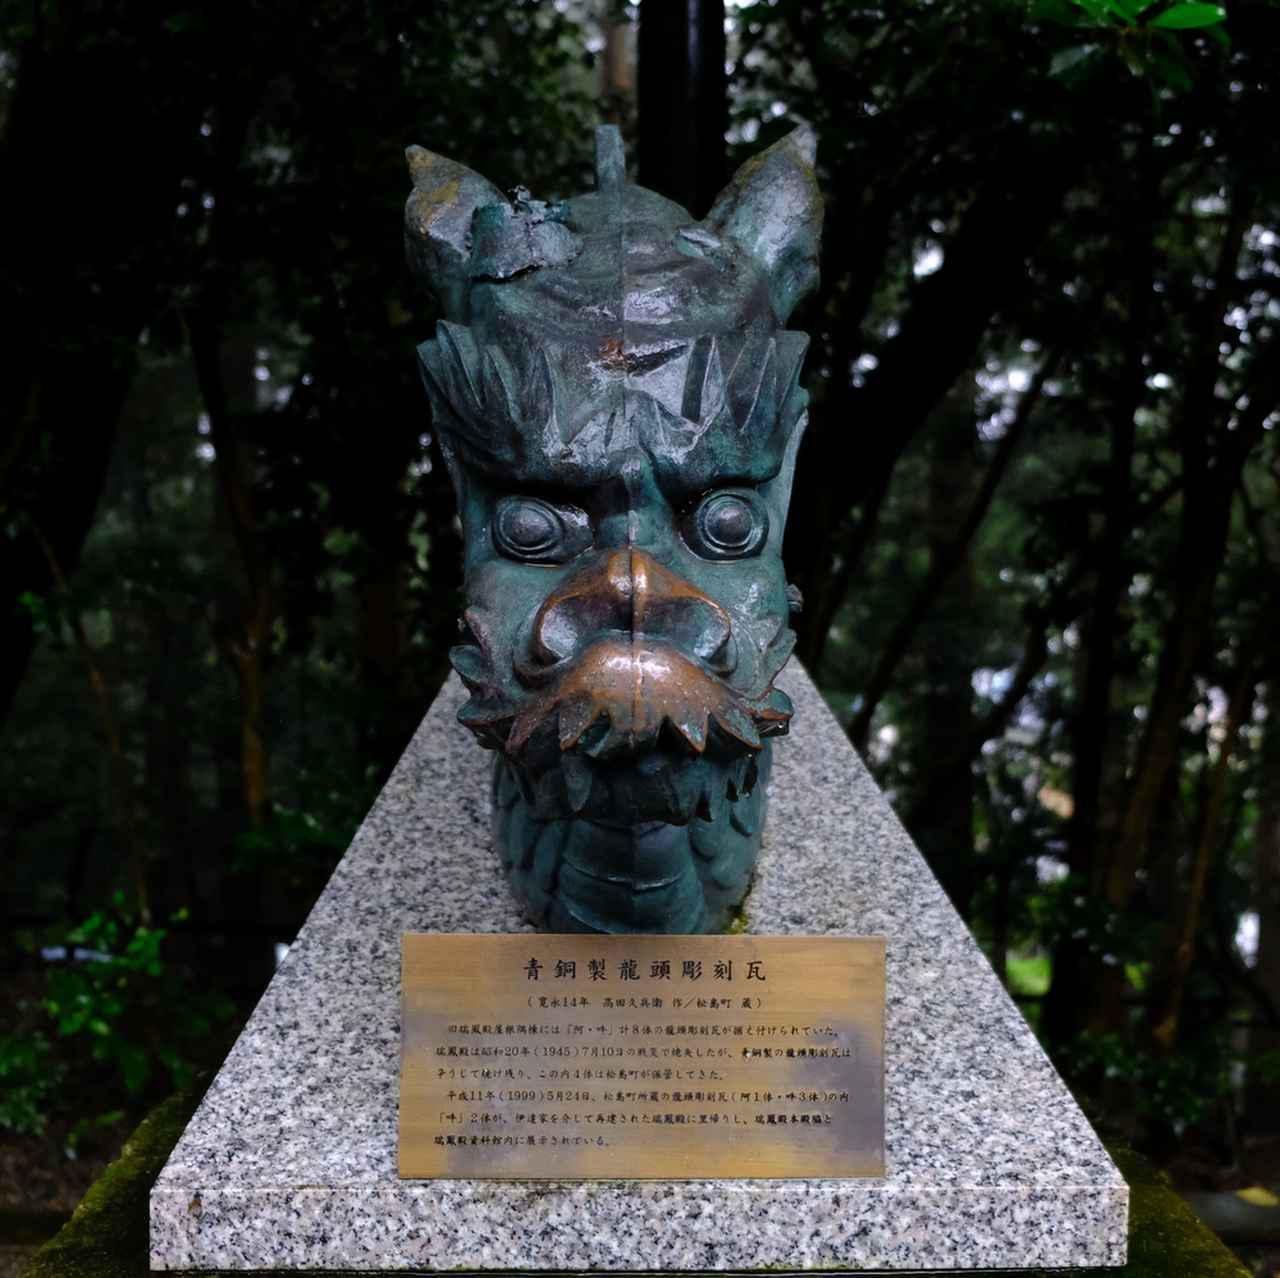 画像: 当時の本物の竜頭瓦は戦火から焼け残り、松島町に保管されていたそうです。現在は瑞鳳殿のすぐ横に里帰りしています。